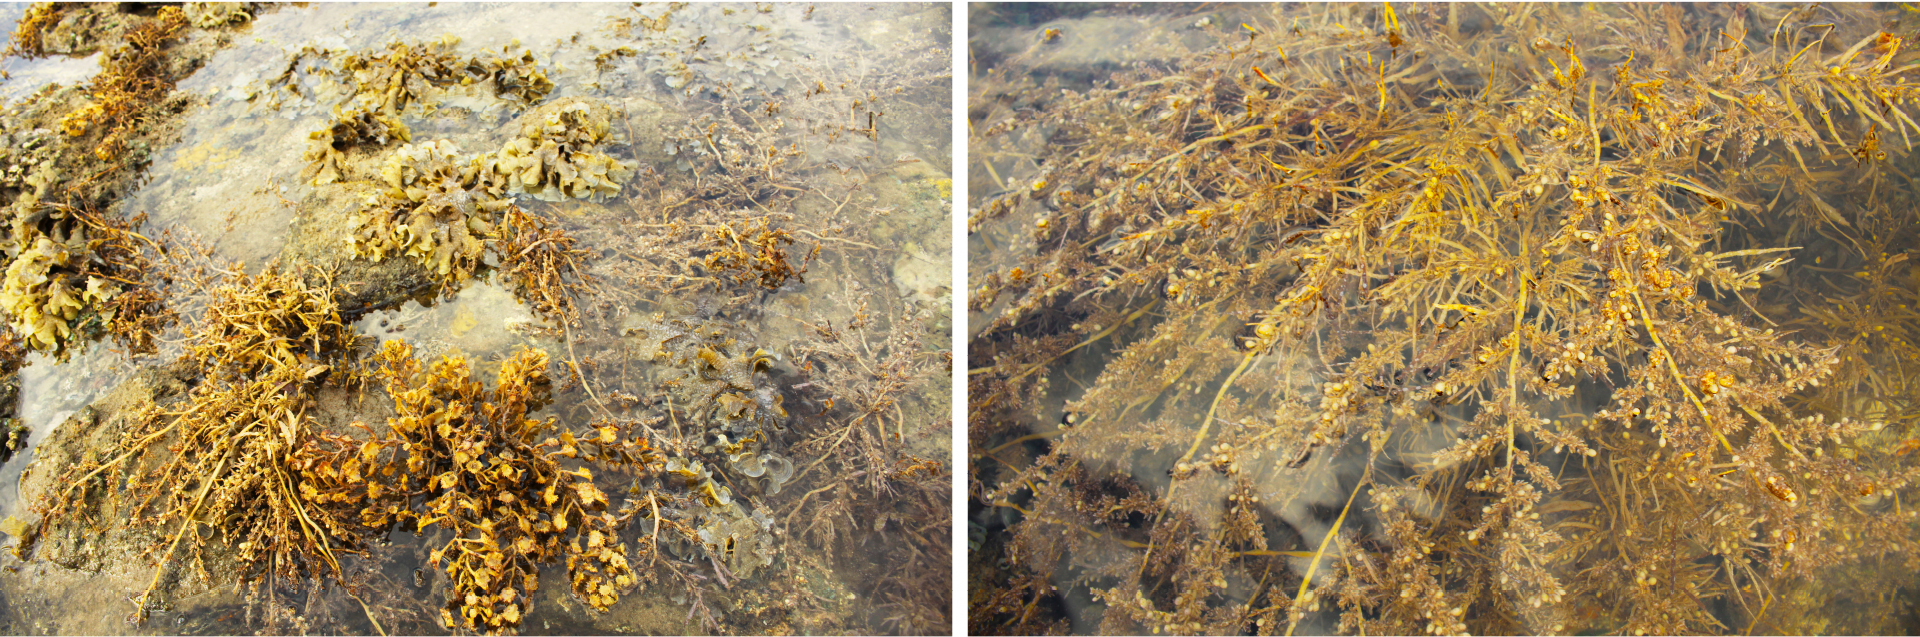 Vẻ đẹp của rong mơ biển trong mùa thu hoạch ảnh 29